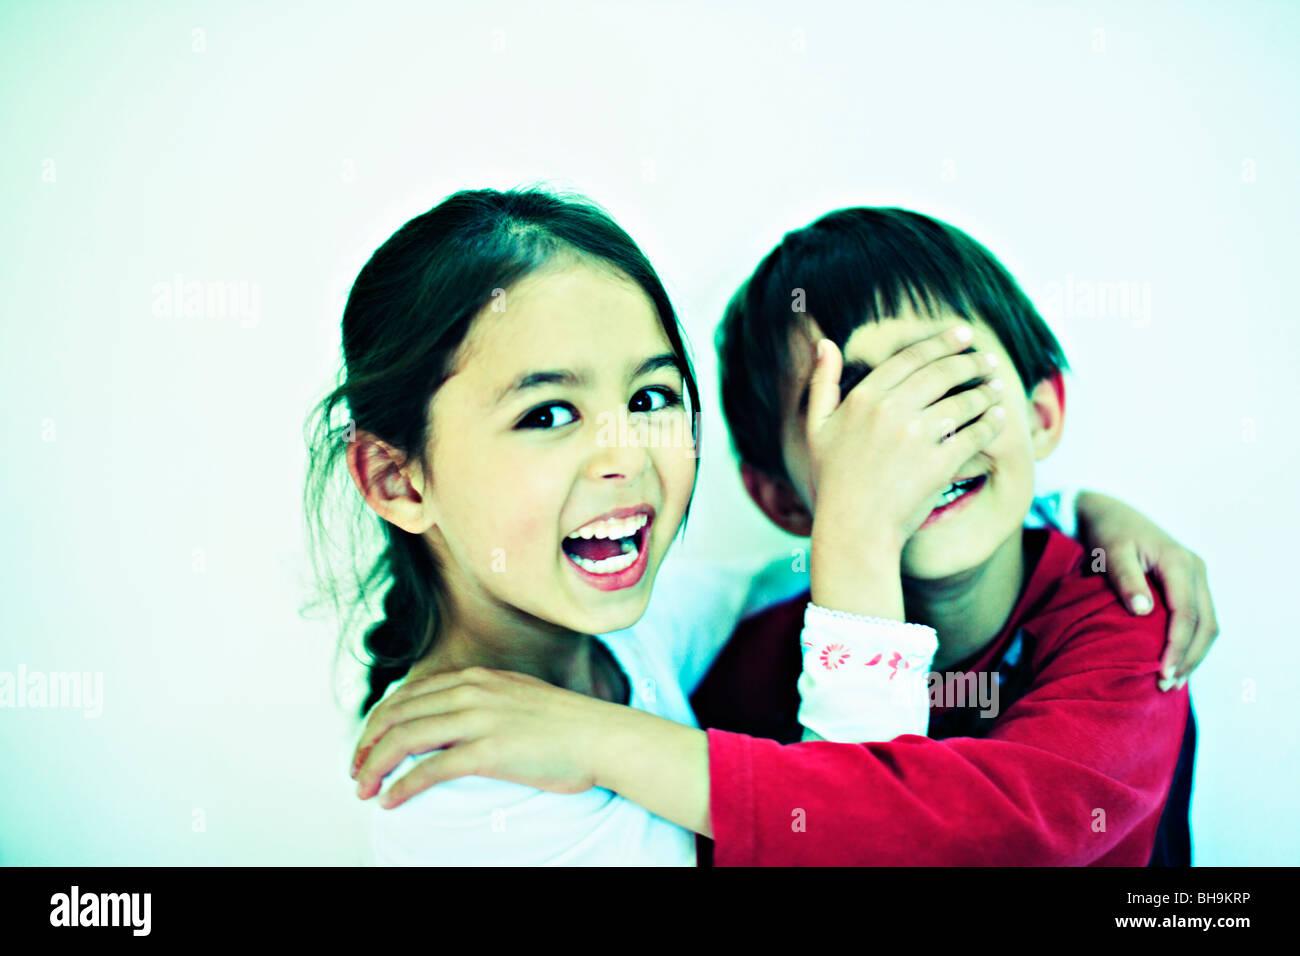 Niño de 7 años de edad y seis niñas jugando juntos sosteniendo la mano sobre los ojos Imagen De Stock